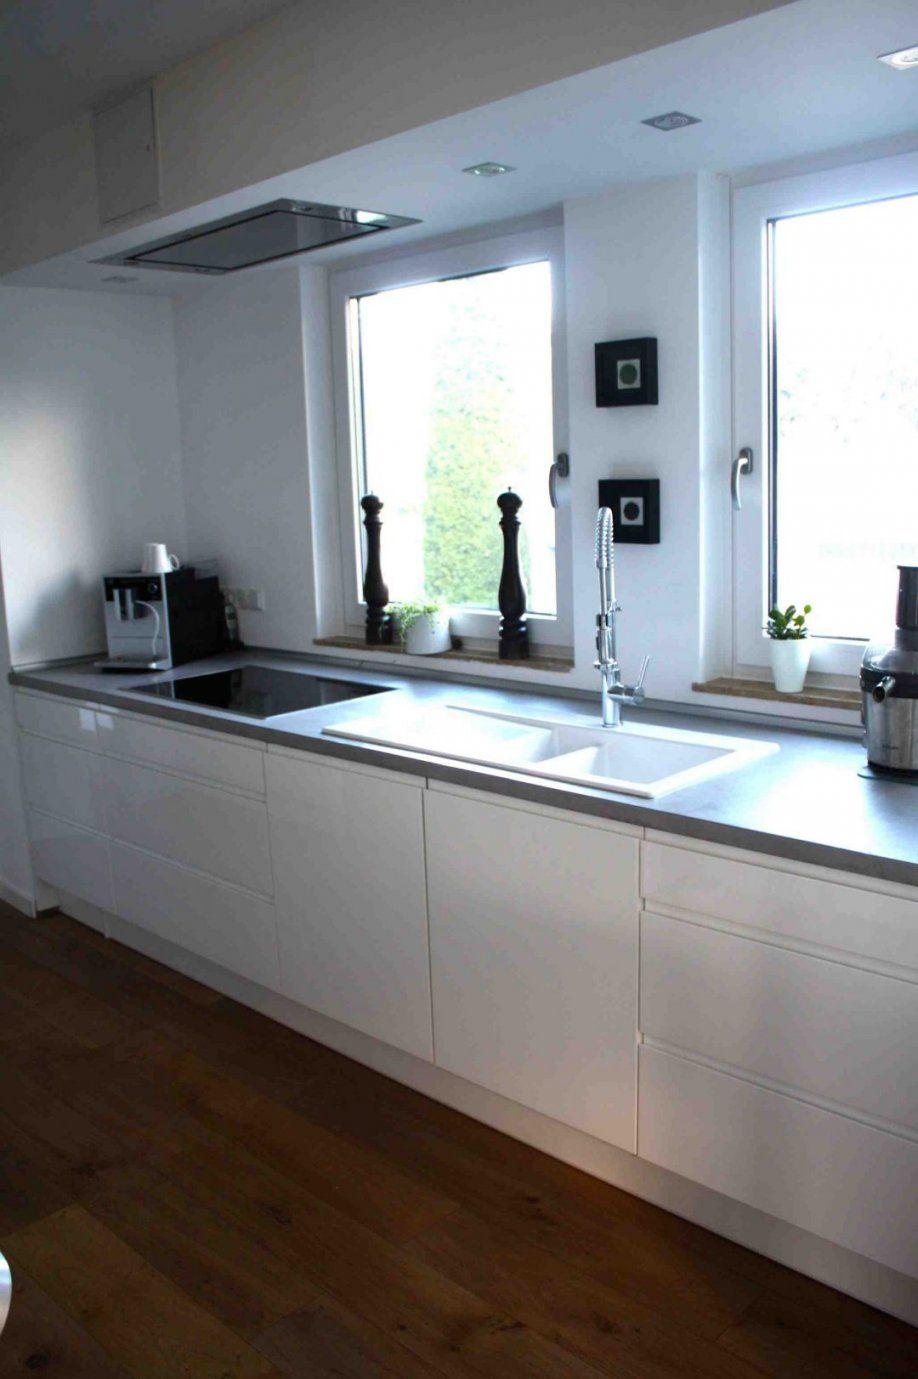 Beton Ciré Hä  Küchenarbeitsplatte In Betonoptik  Mimimia  Diy von Arbeitsplatte Betonoptik Selber Machen Bild